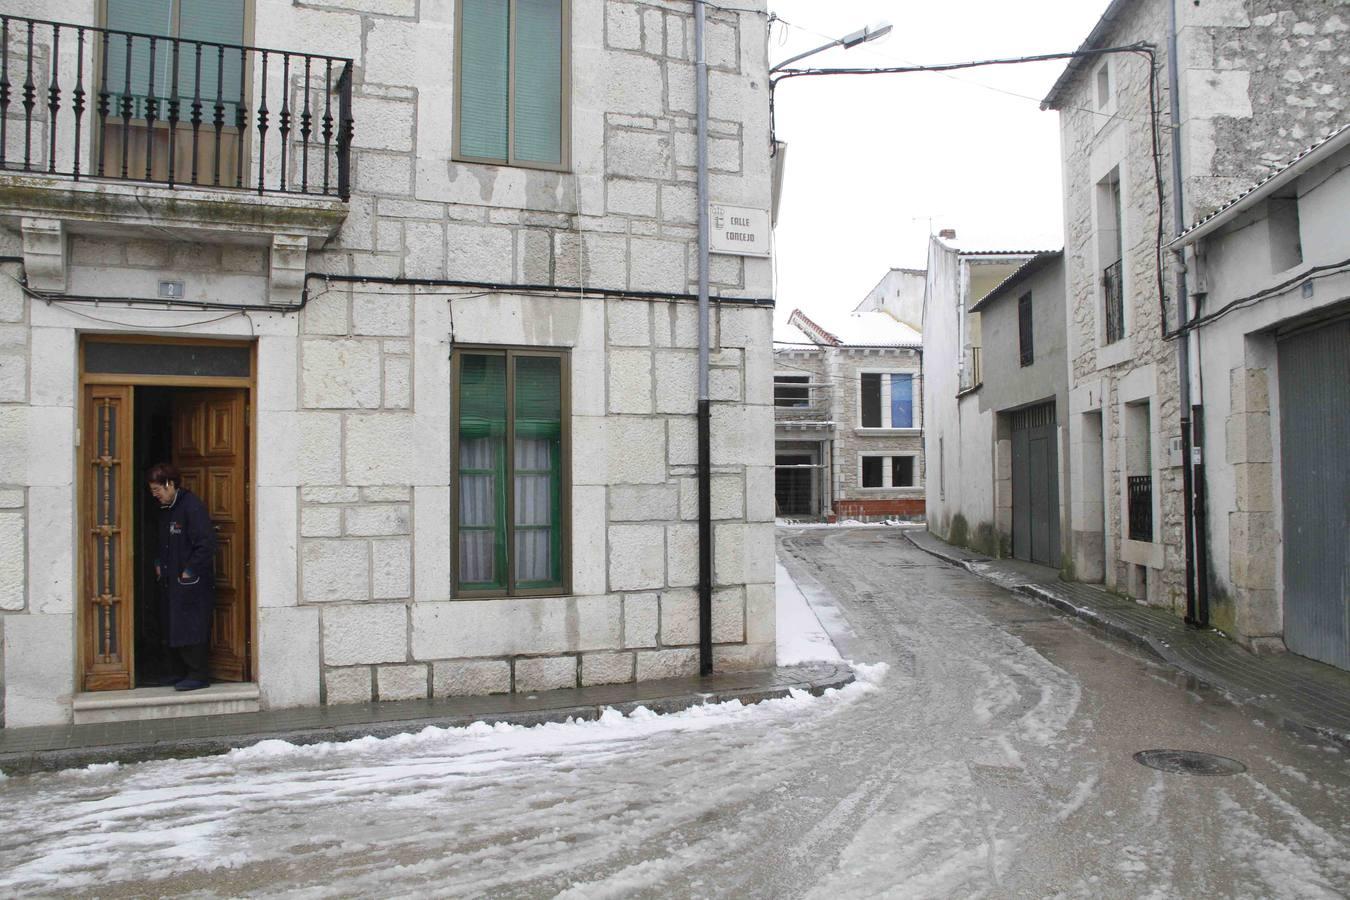 Nieve en Campaspero. Valladolid